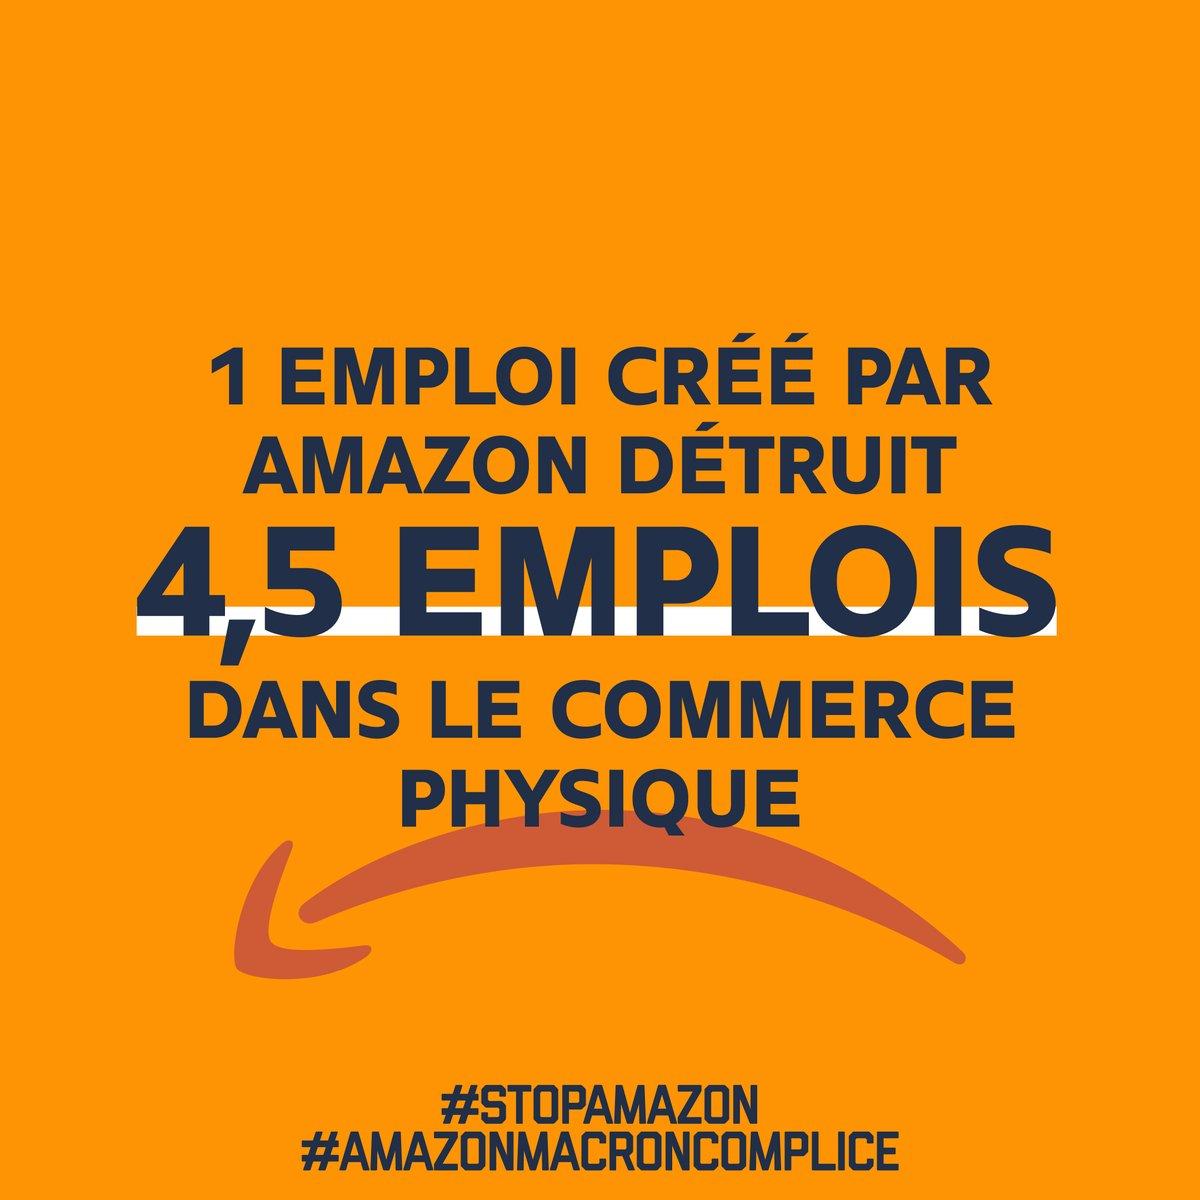 Amazon a ouvert 13 entrepôts cette année, une dizaine d'autres sont en projets alors qu'ils détruiront 4,5 emplois pour 1 créé. La loi CCC peut les stopper mais @EmmanuelMacron & @LaREM_AN excluent encore le moratoire e-commerce du projet de loi! #AmazonMacronComplice #StopAmazon https://t.co/LmoY5RTh9B